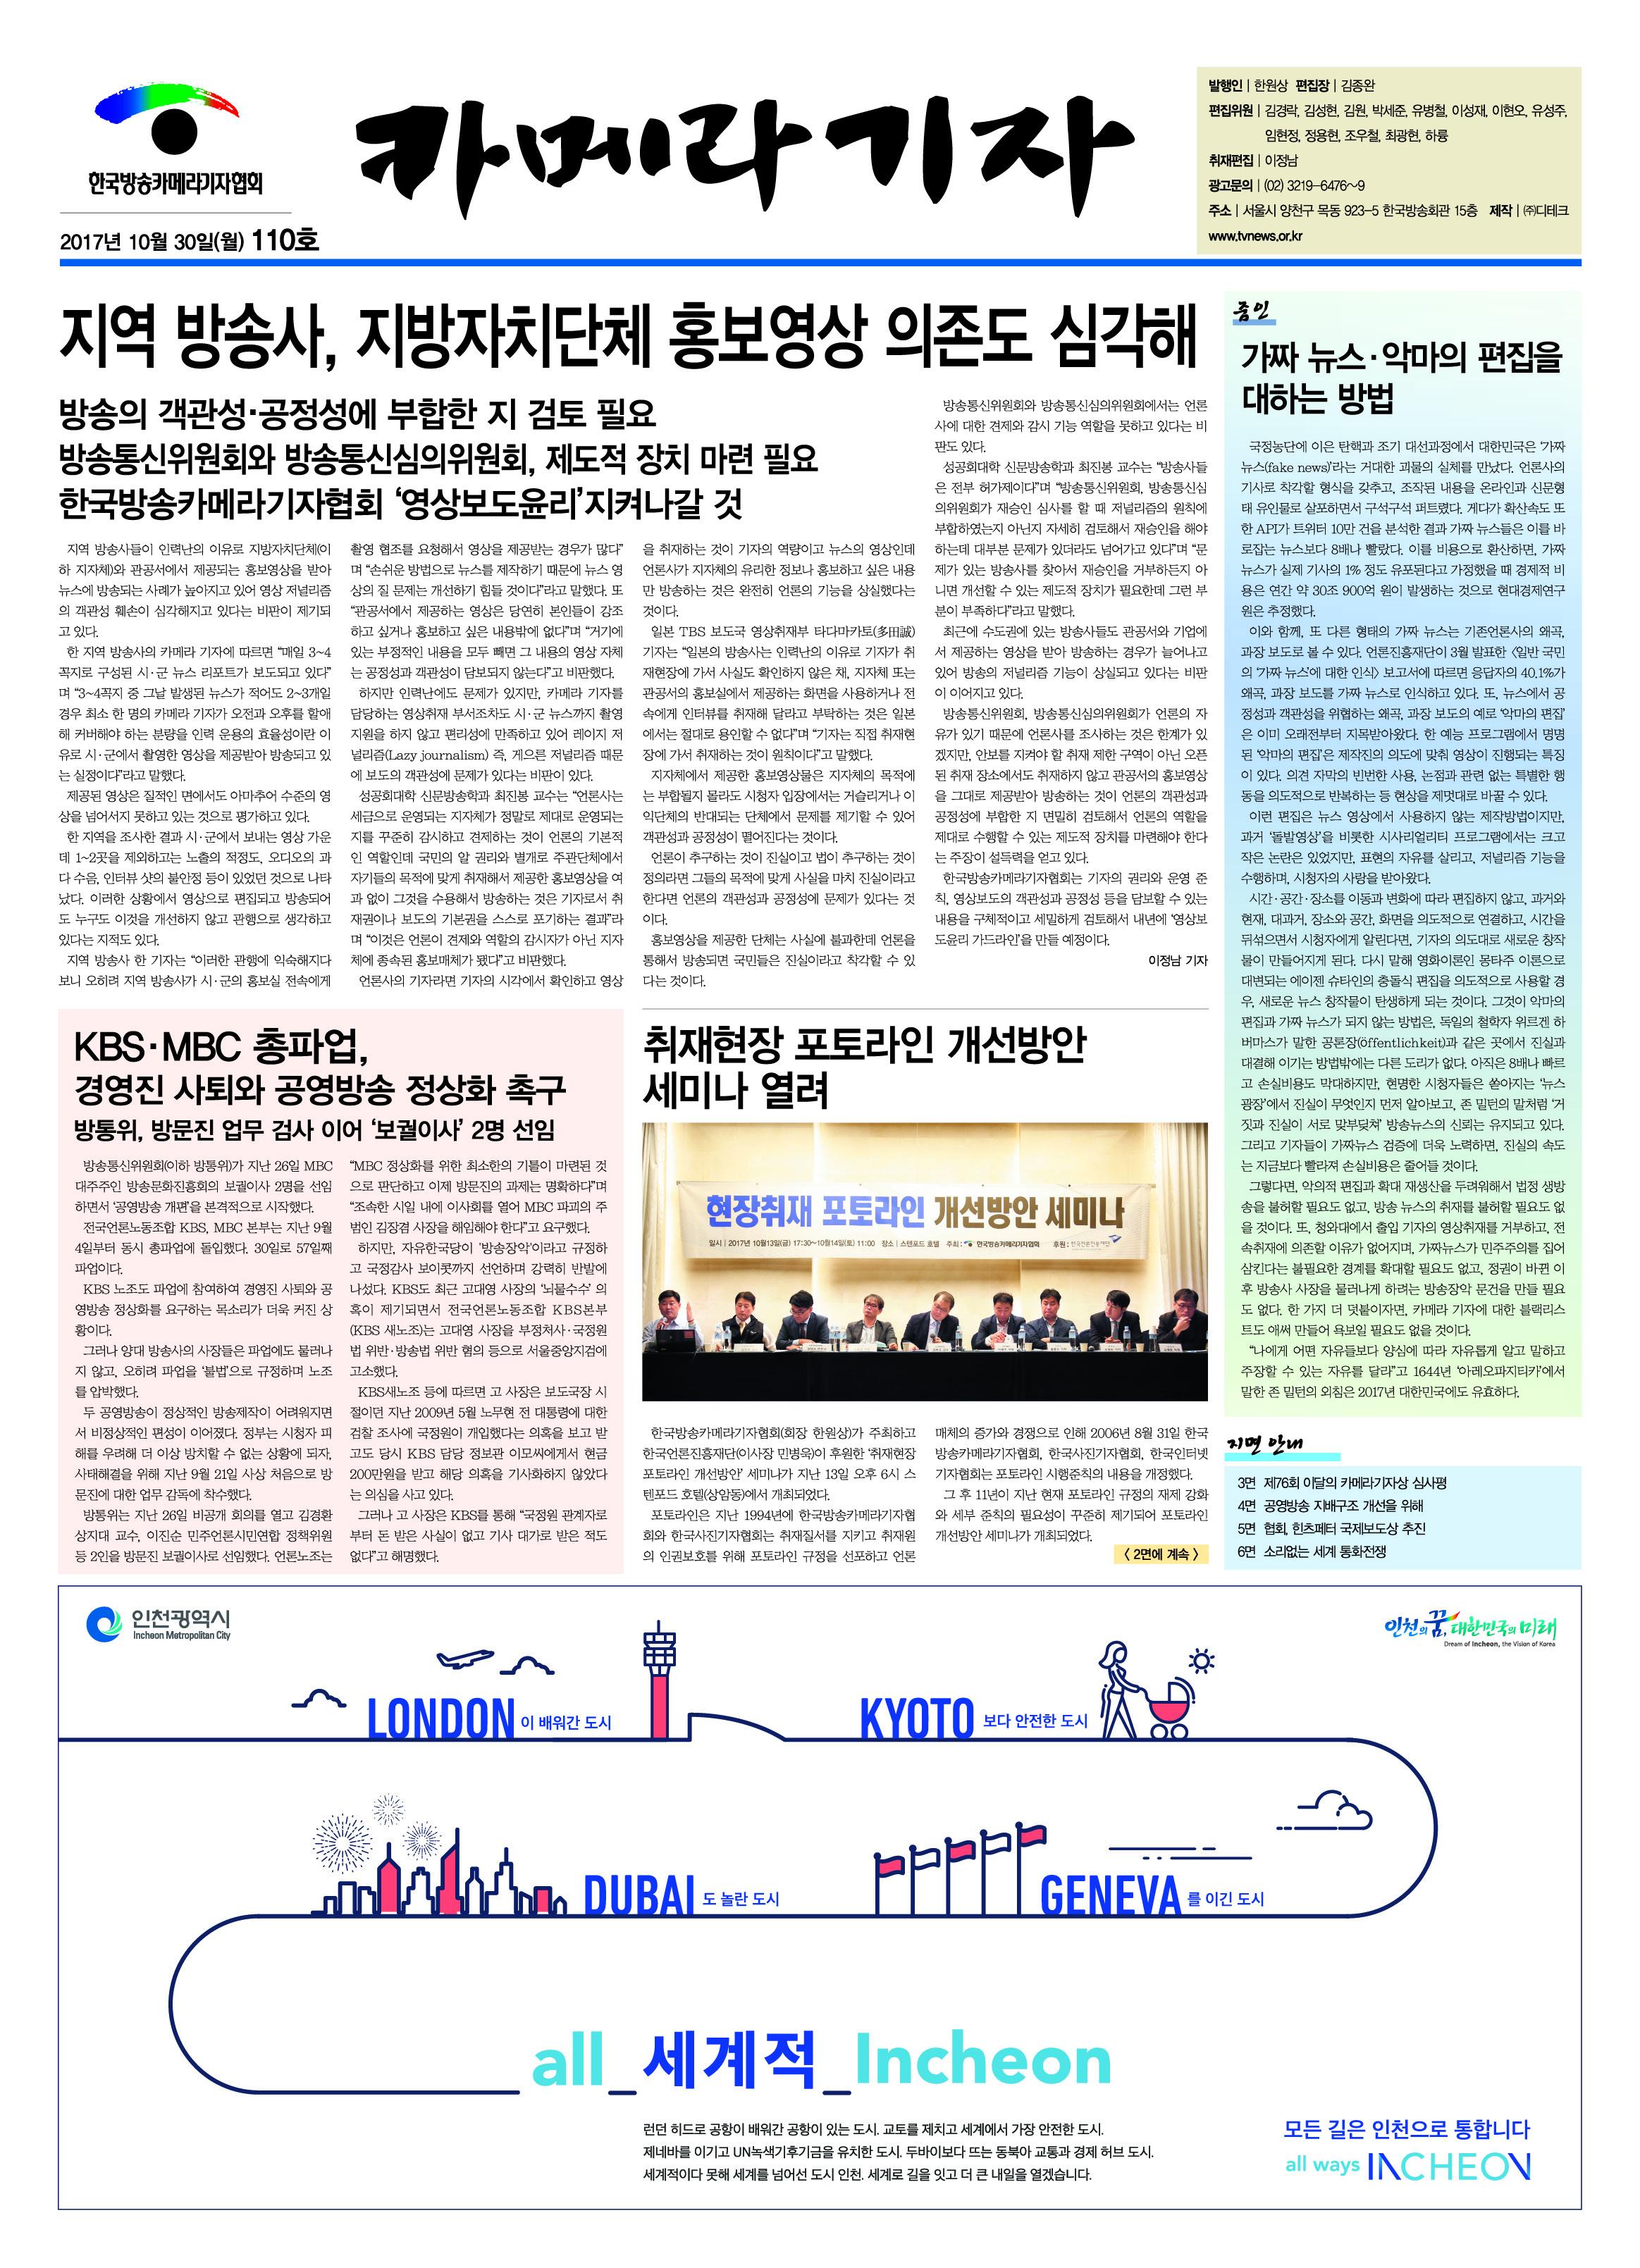 카메라기자협회 신문-110호-1면.jpg